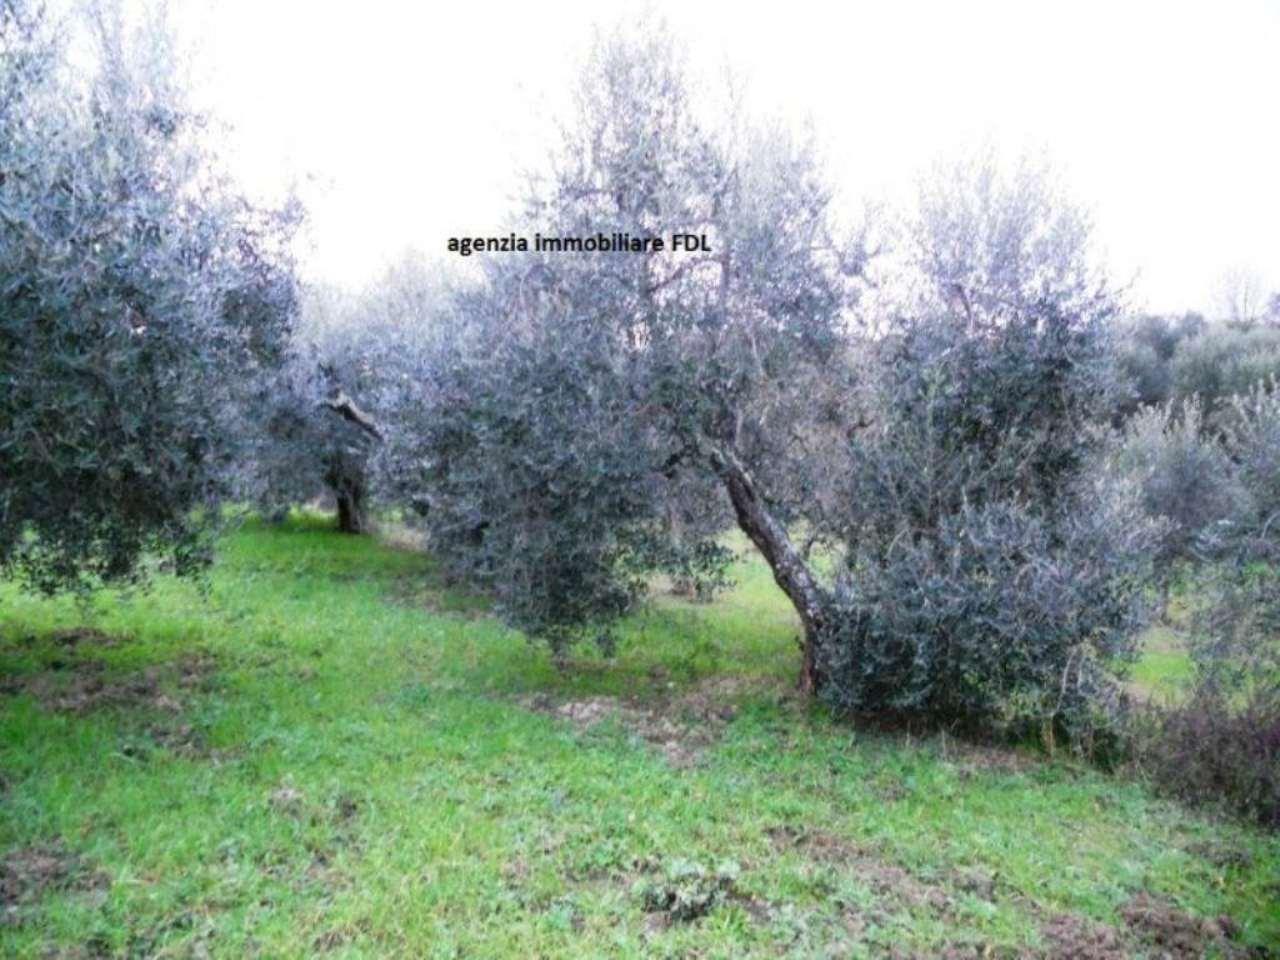 Terreno Agricolo in vendita a Casciana Terme Lari, 1 locali, prezzo € 25.000 | CambioCasa.it